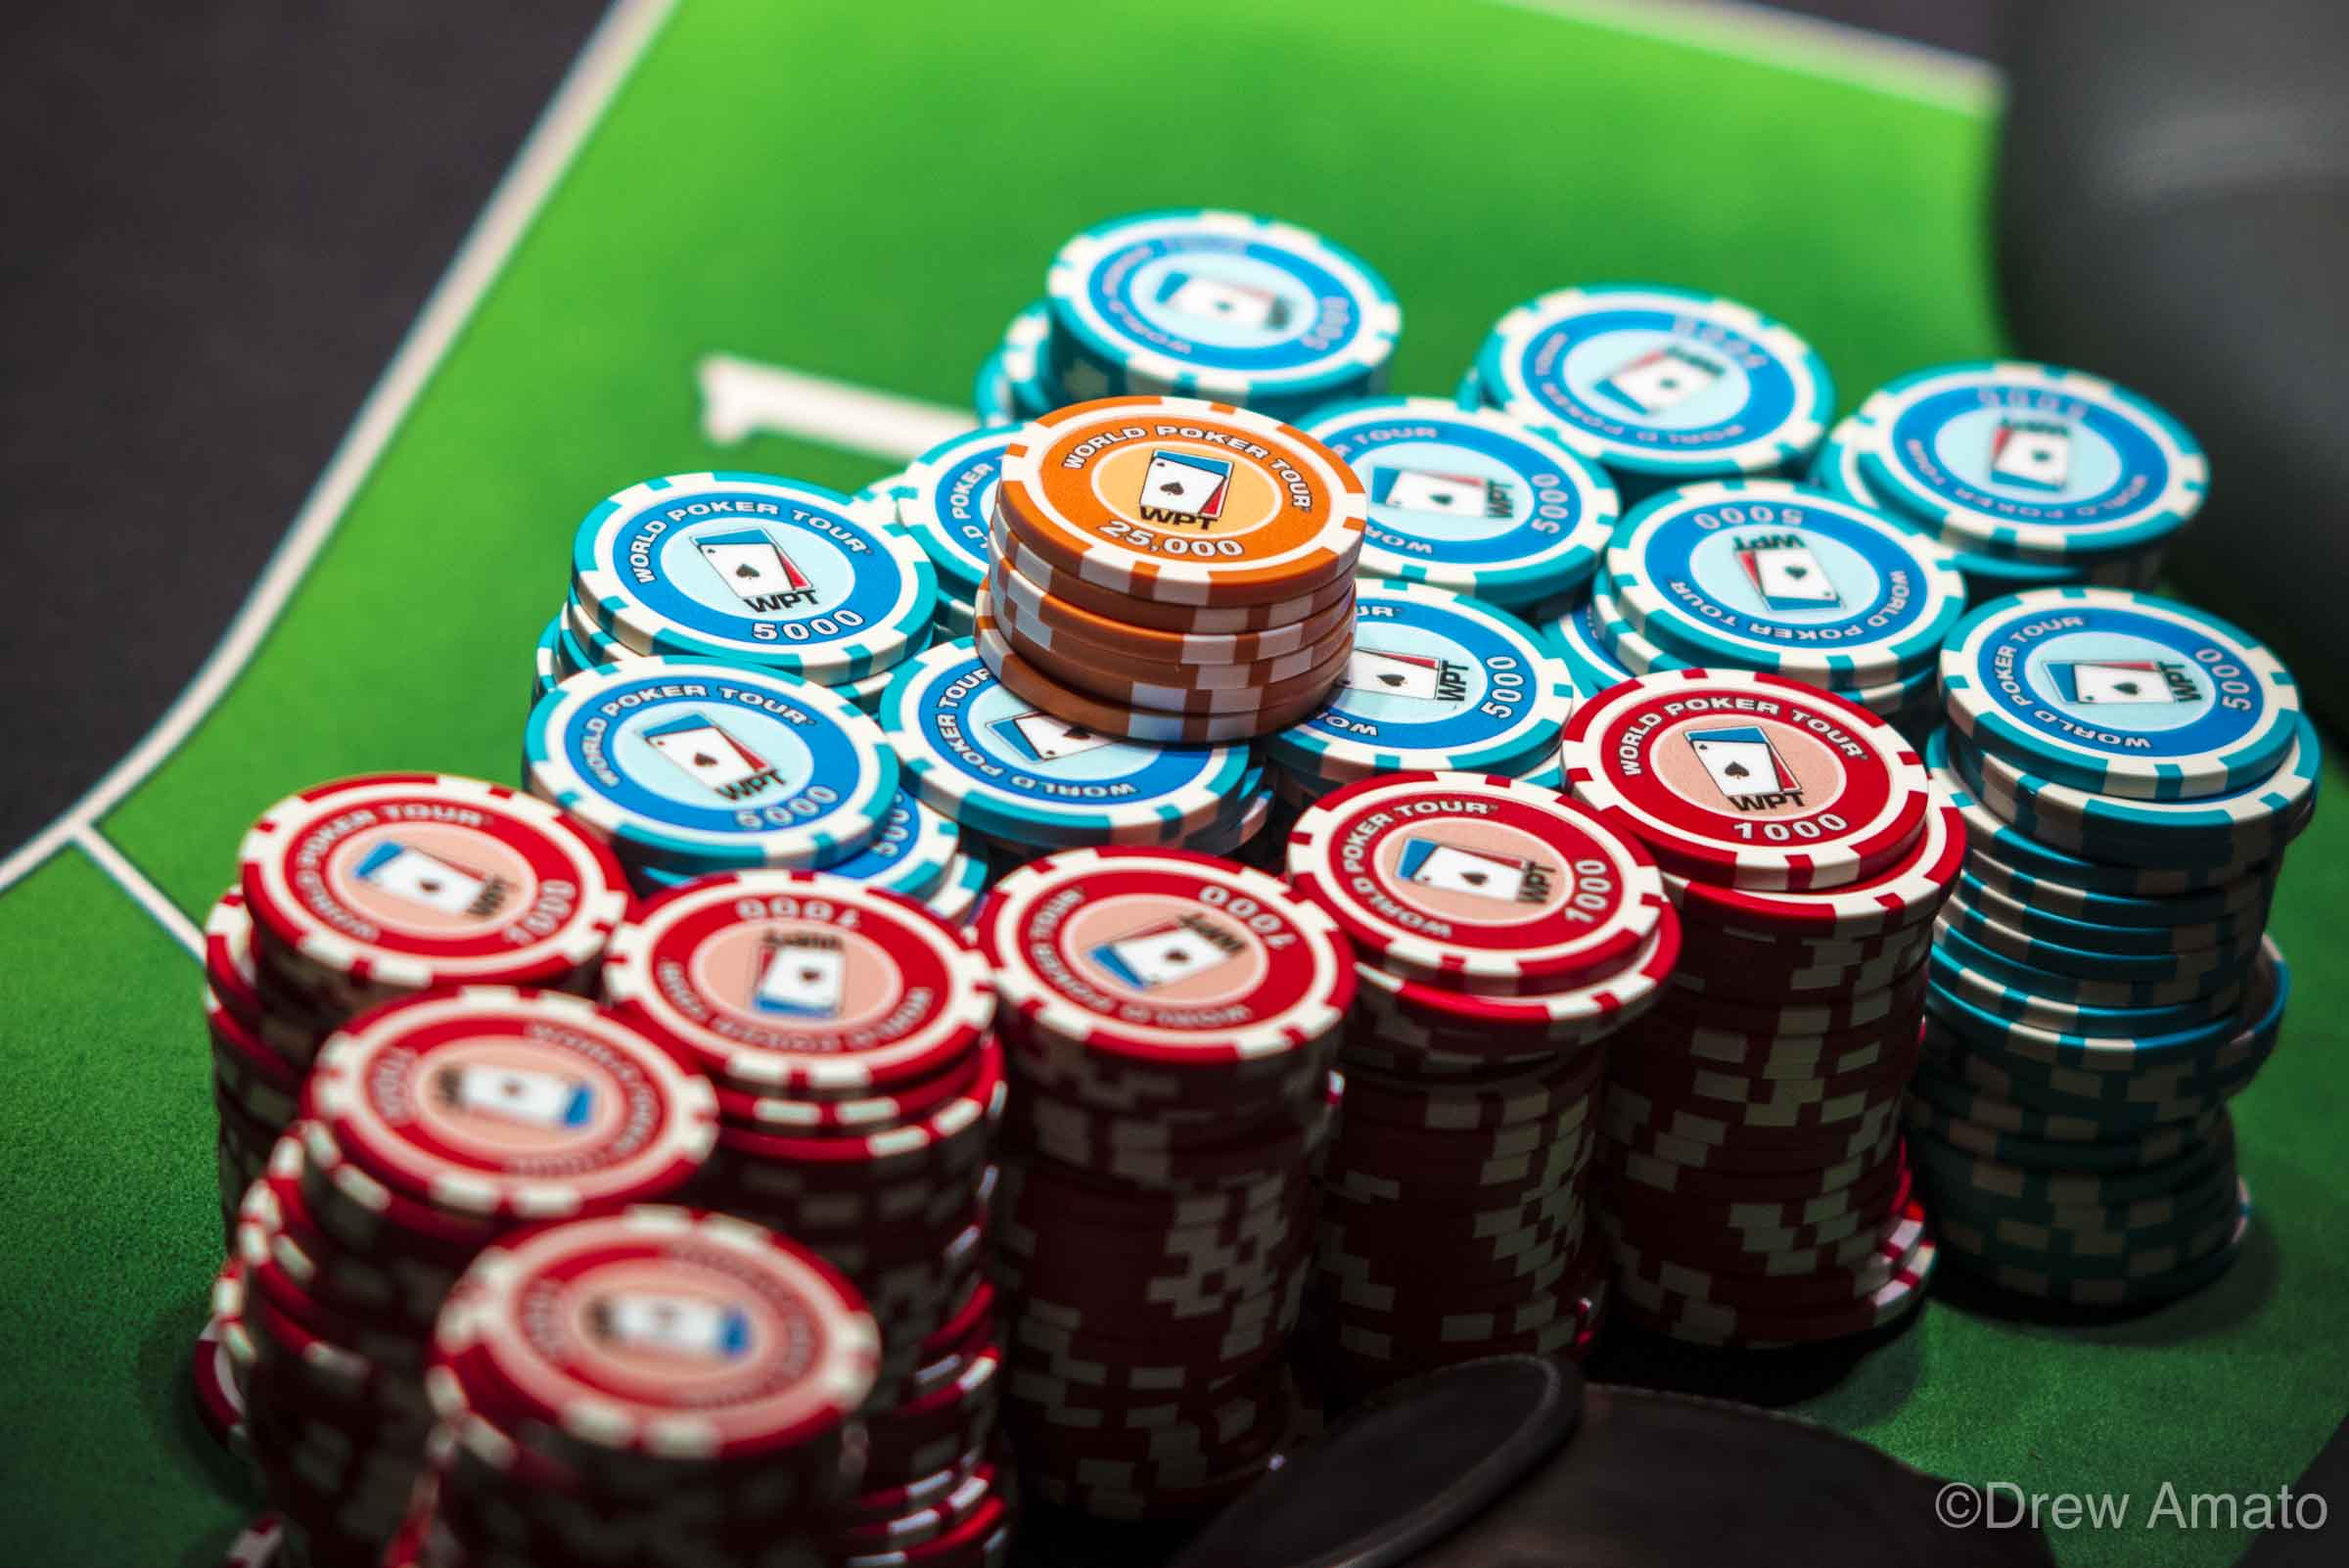 World Poker Tour_WPTDS Portugal_DA60531.jpg